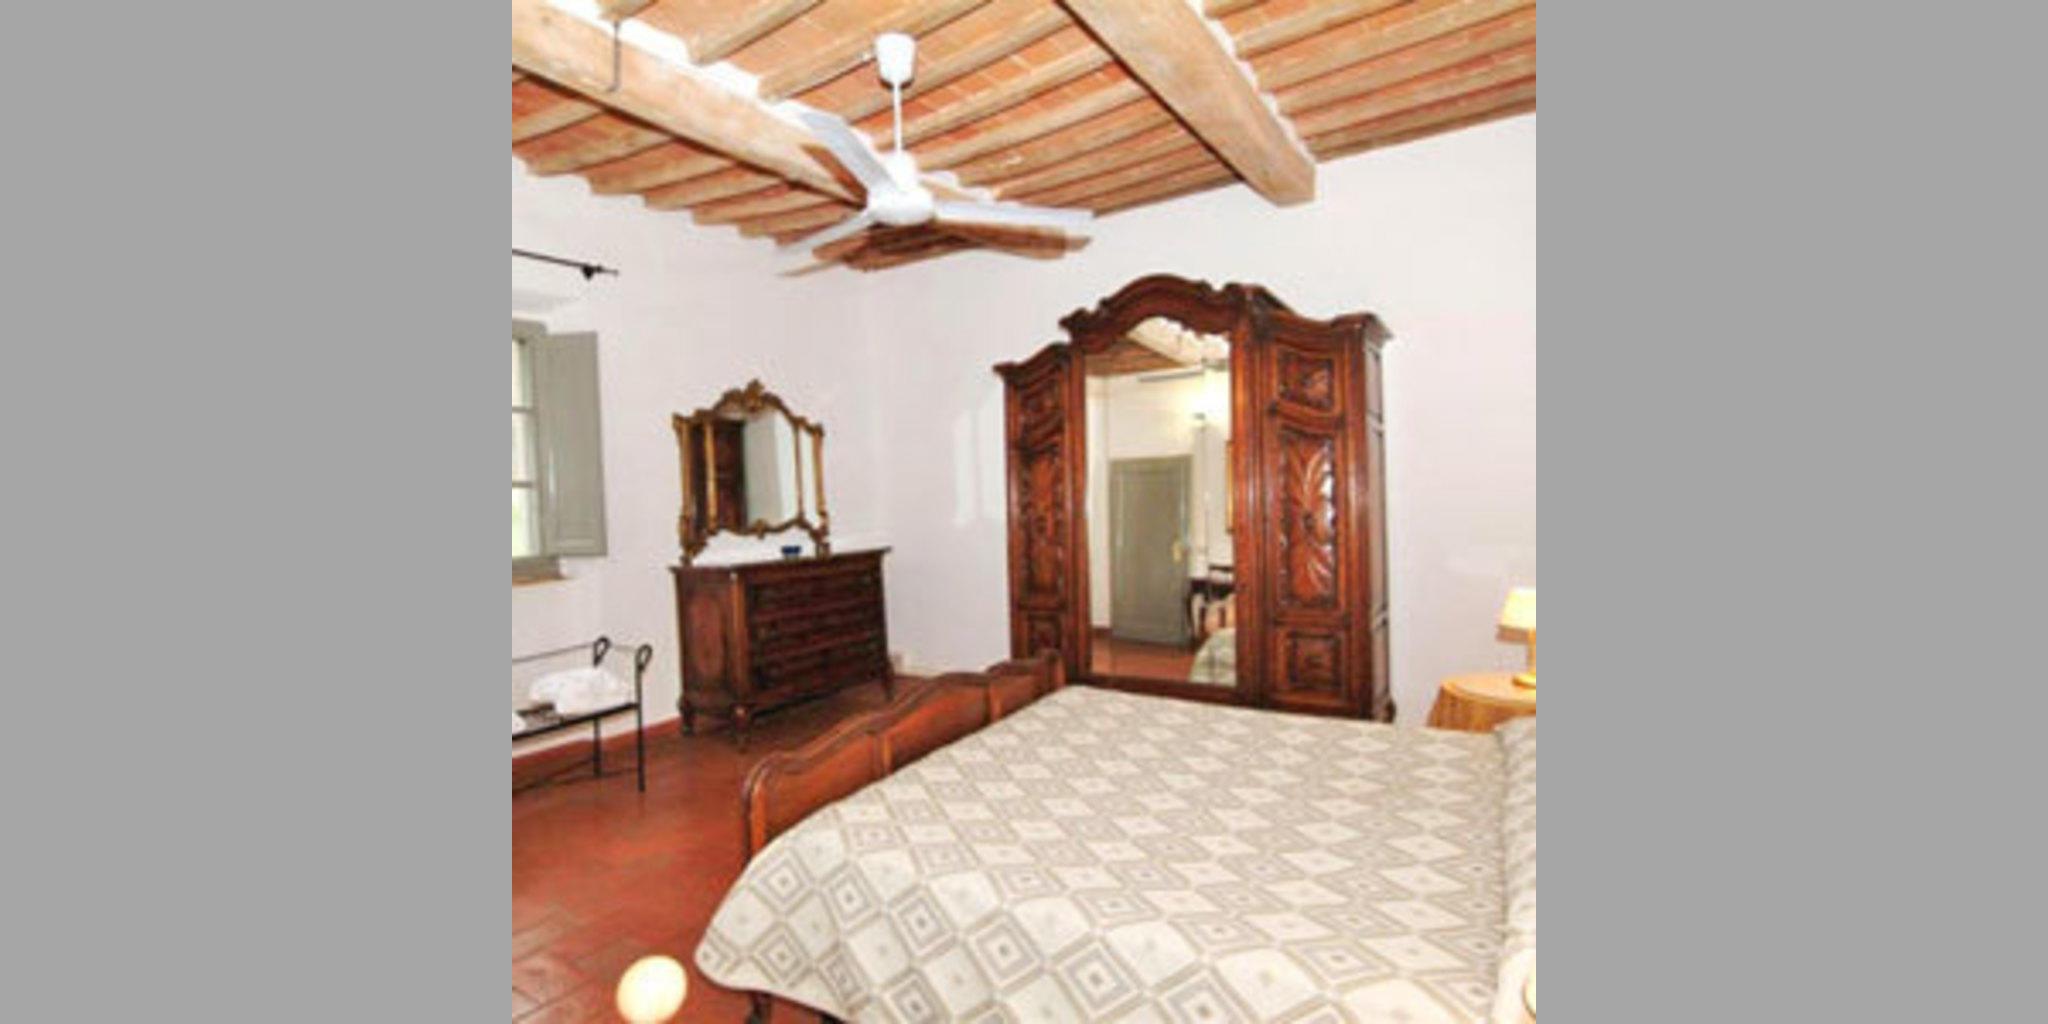 Apartment Tuoro Sul Trasimeno - Lago Trasimeno  Tuoro2